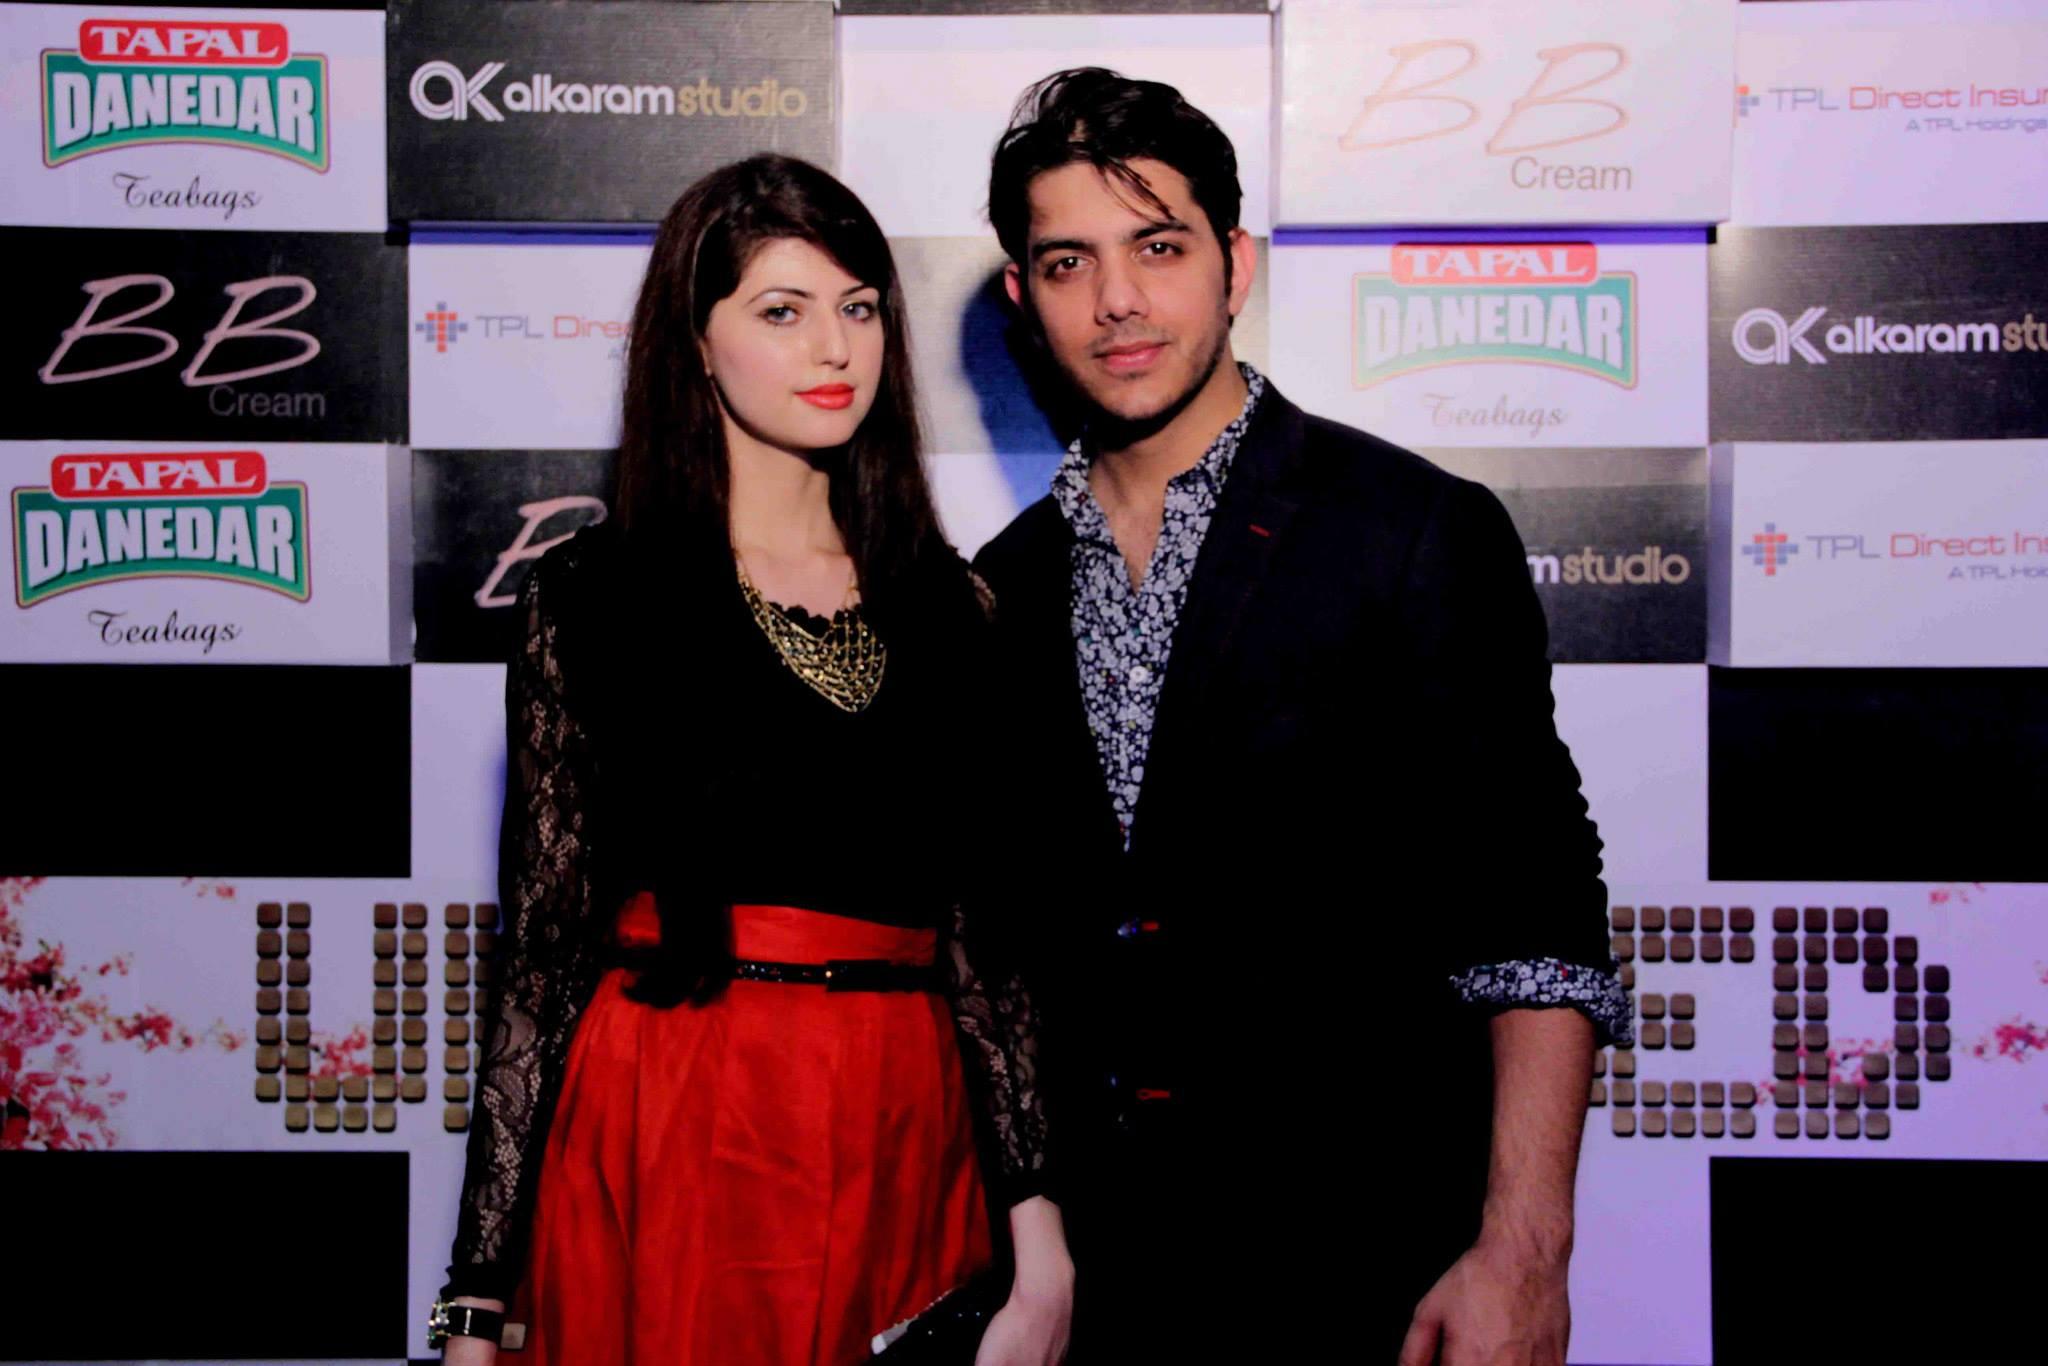 Anum Gohar and Gohar Mumtaz